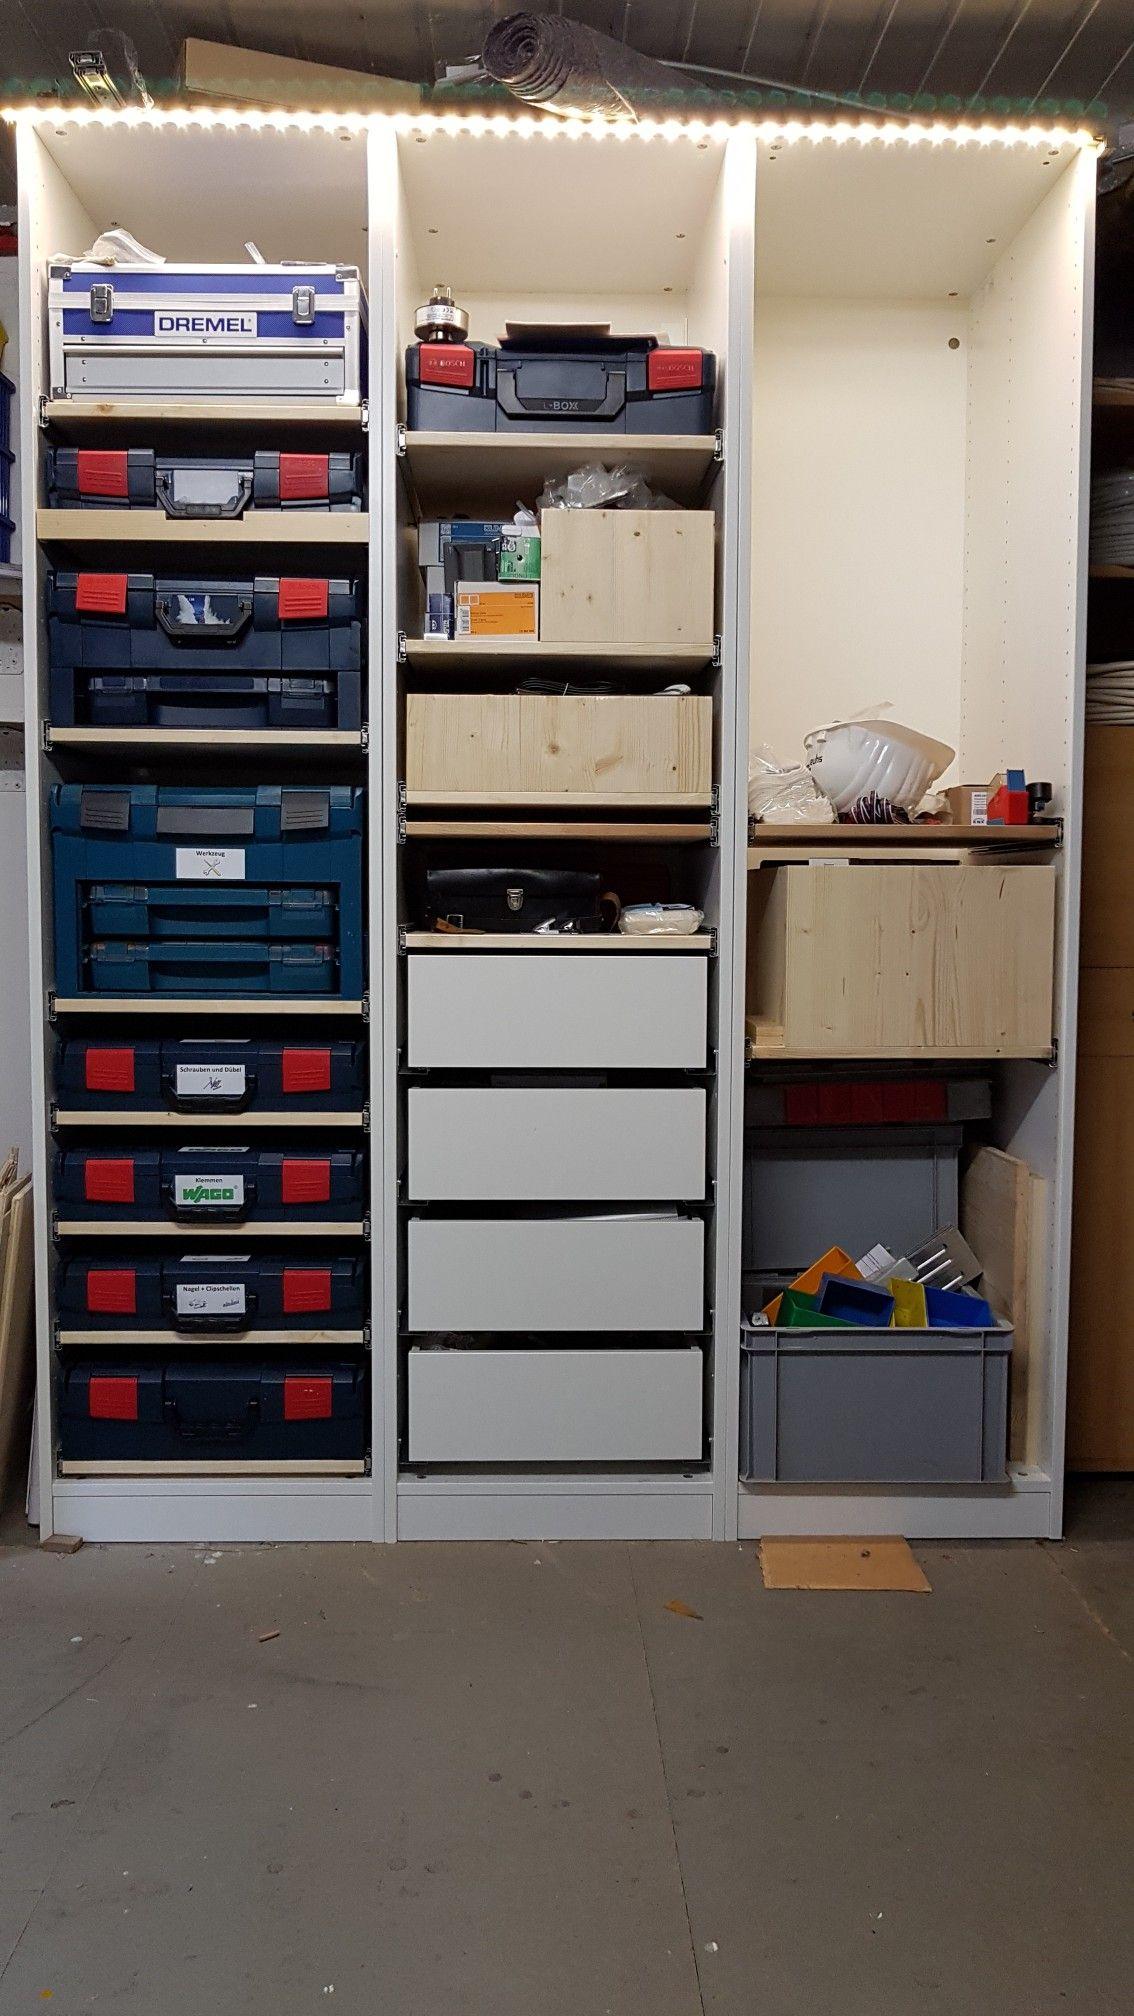 L Boxx Schrank In Der Werkstatt Led Beleuchtung Led Beleuchtung Werkstattorganisation Werkstatt